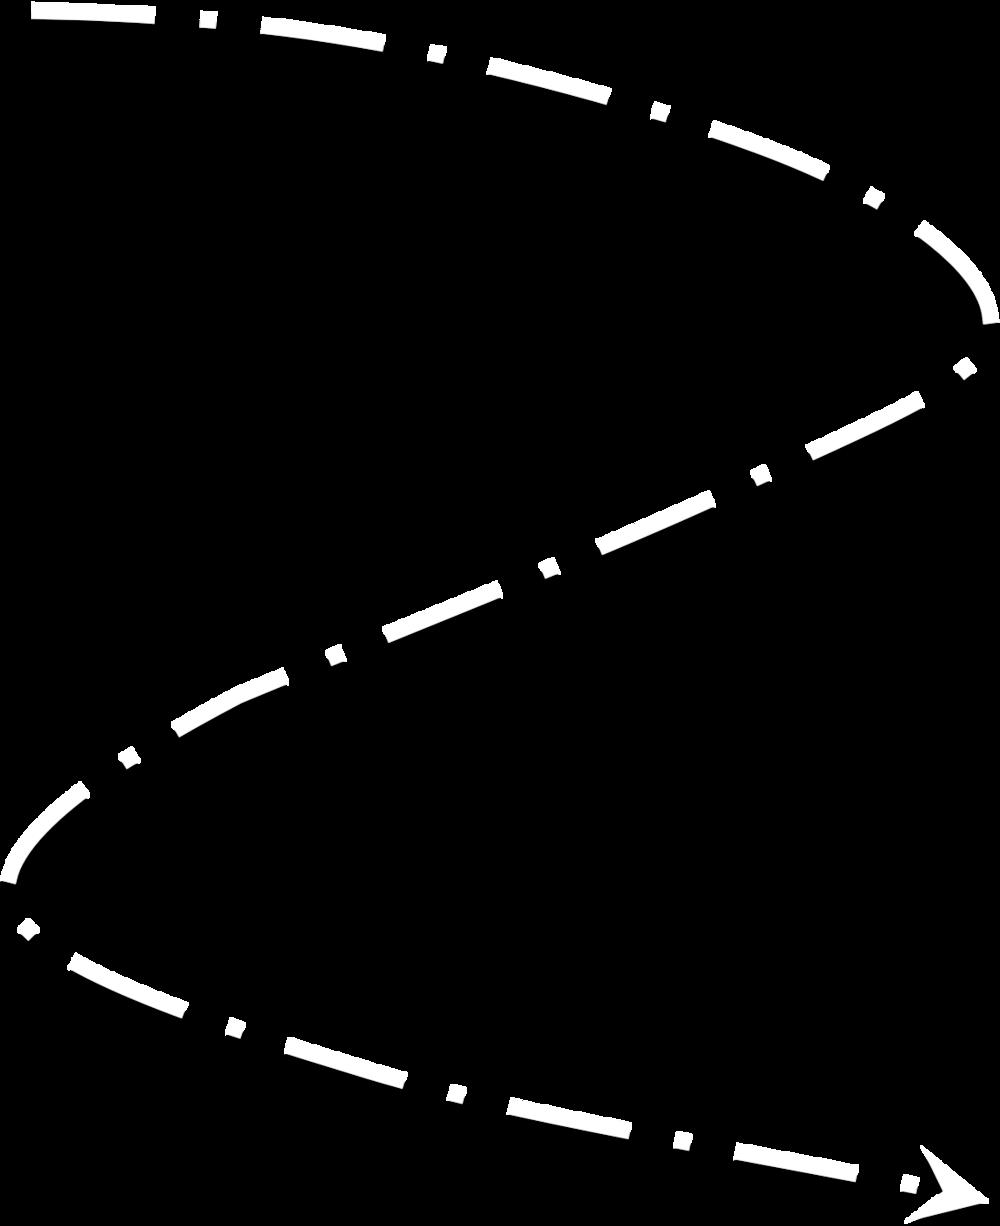 Guiding Line